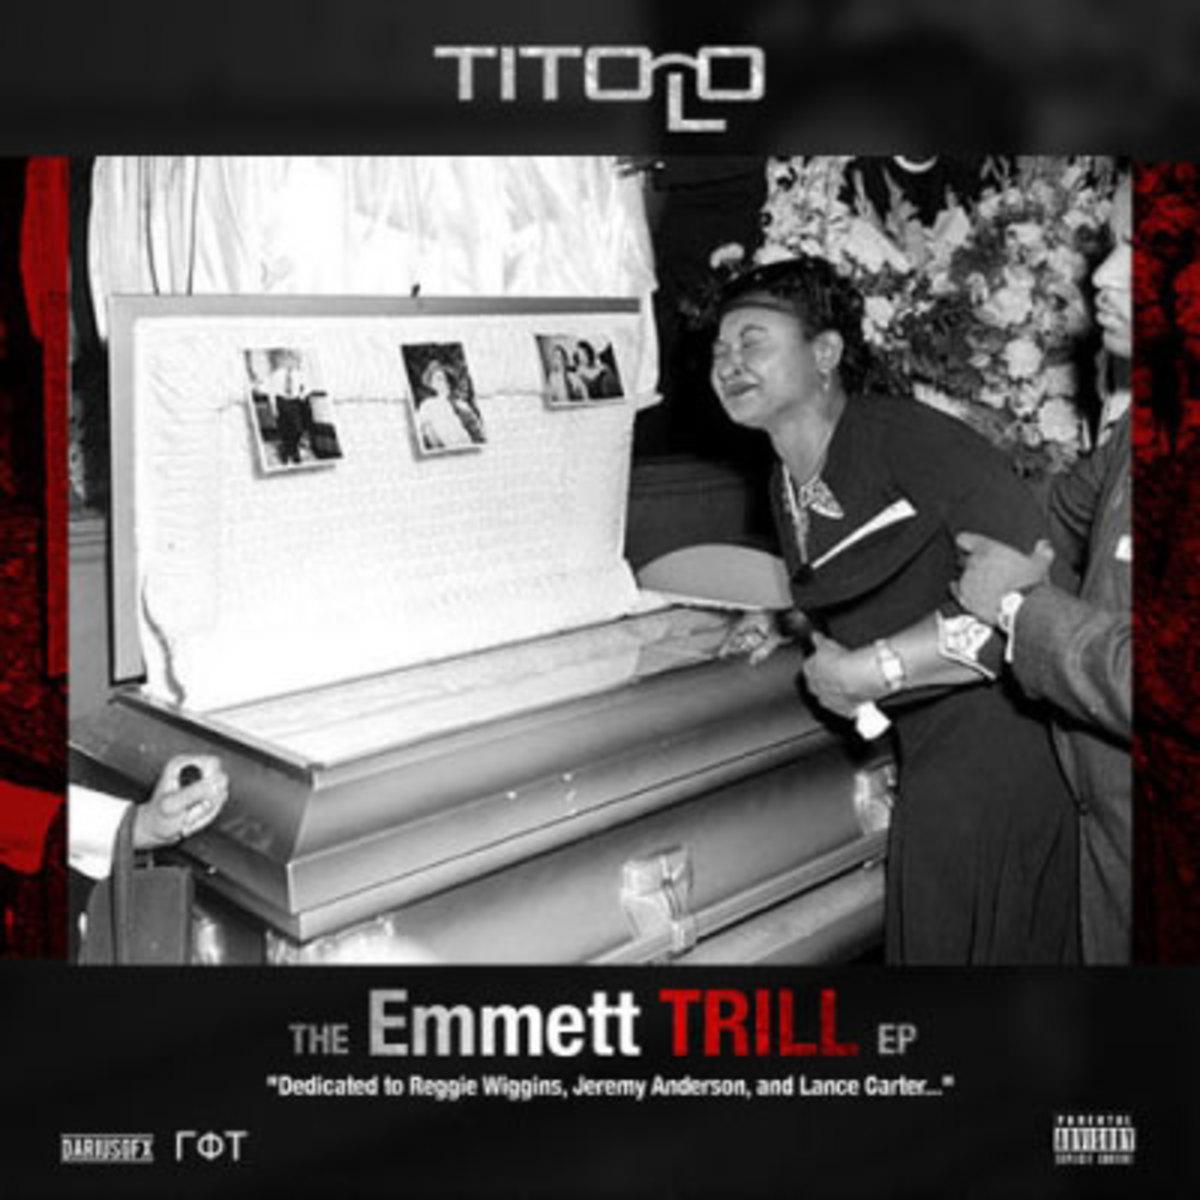 tito-lo-the-emmitt-trill-ep.jpg